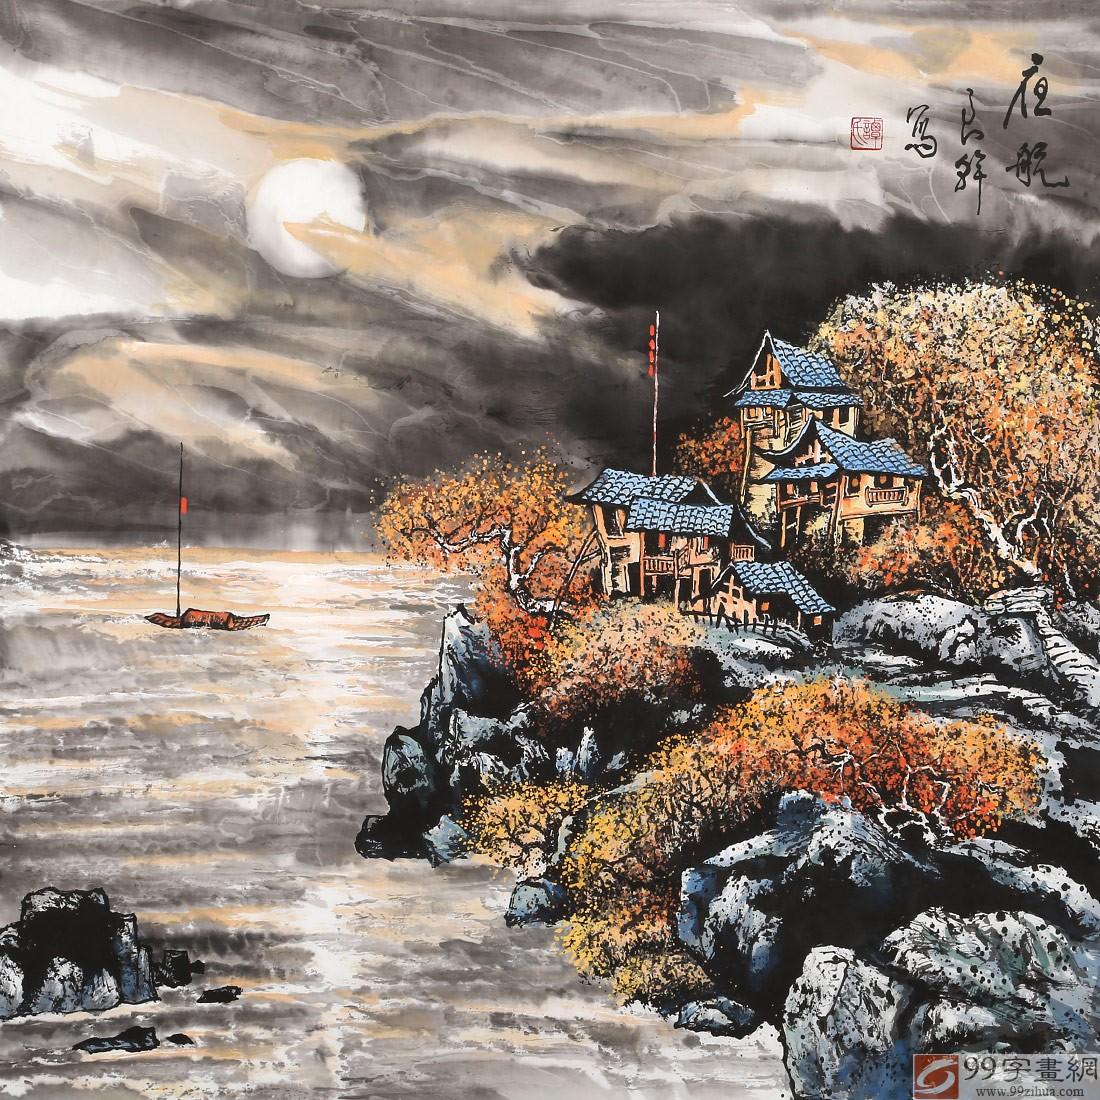 看他的画,山里人家,田园风光,一雉一牛,一水一舟,充满诗情画意,画如诗